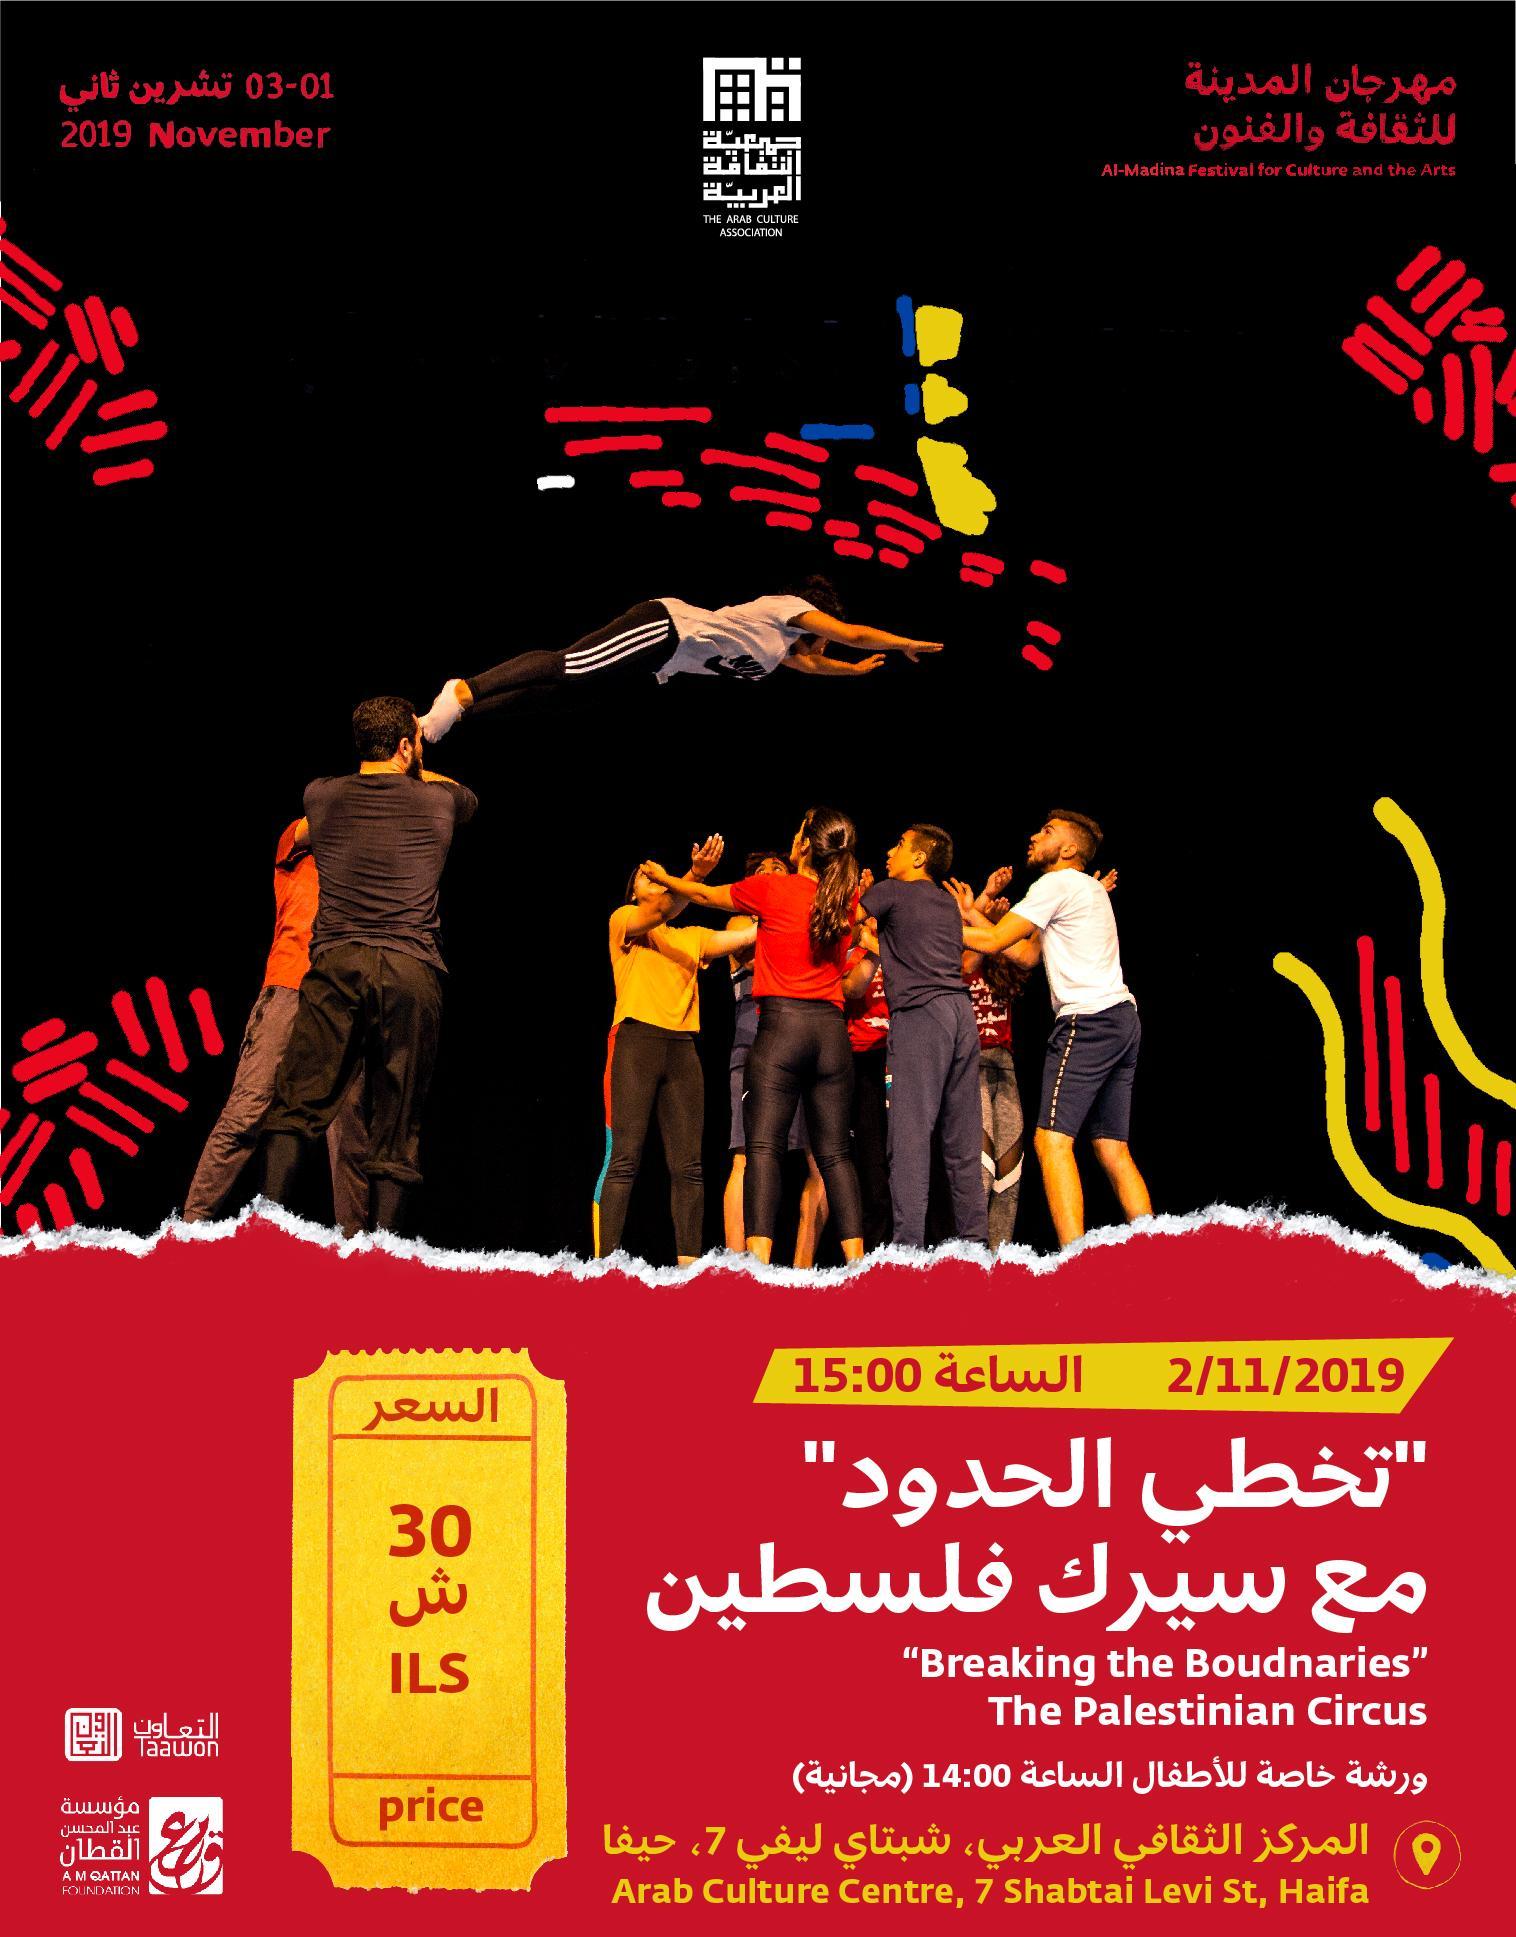 الأسبوع القادم: ثلاثة أيام من مهرجان المدينة للثقافة والفنون في حيفا